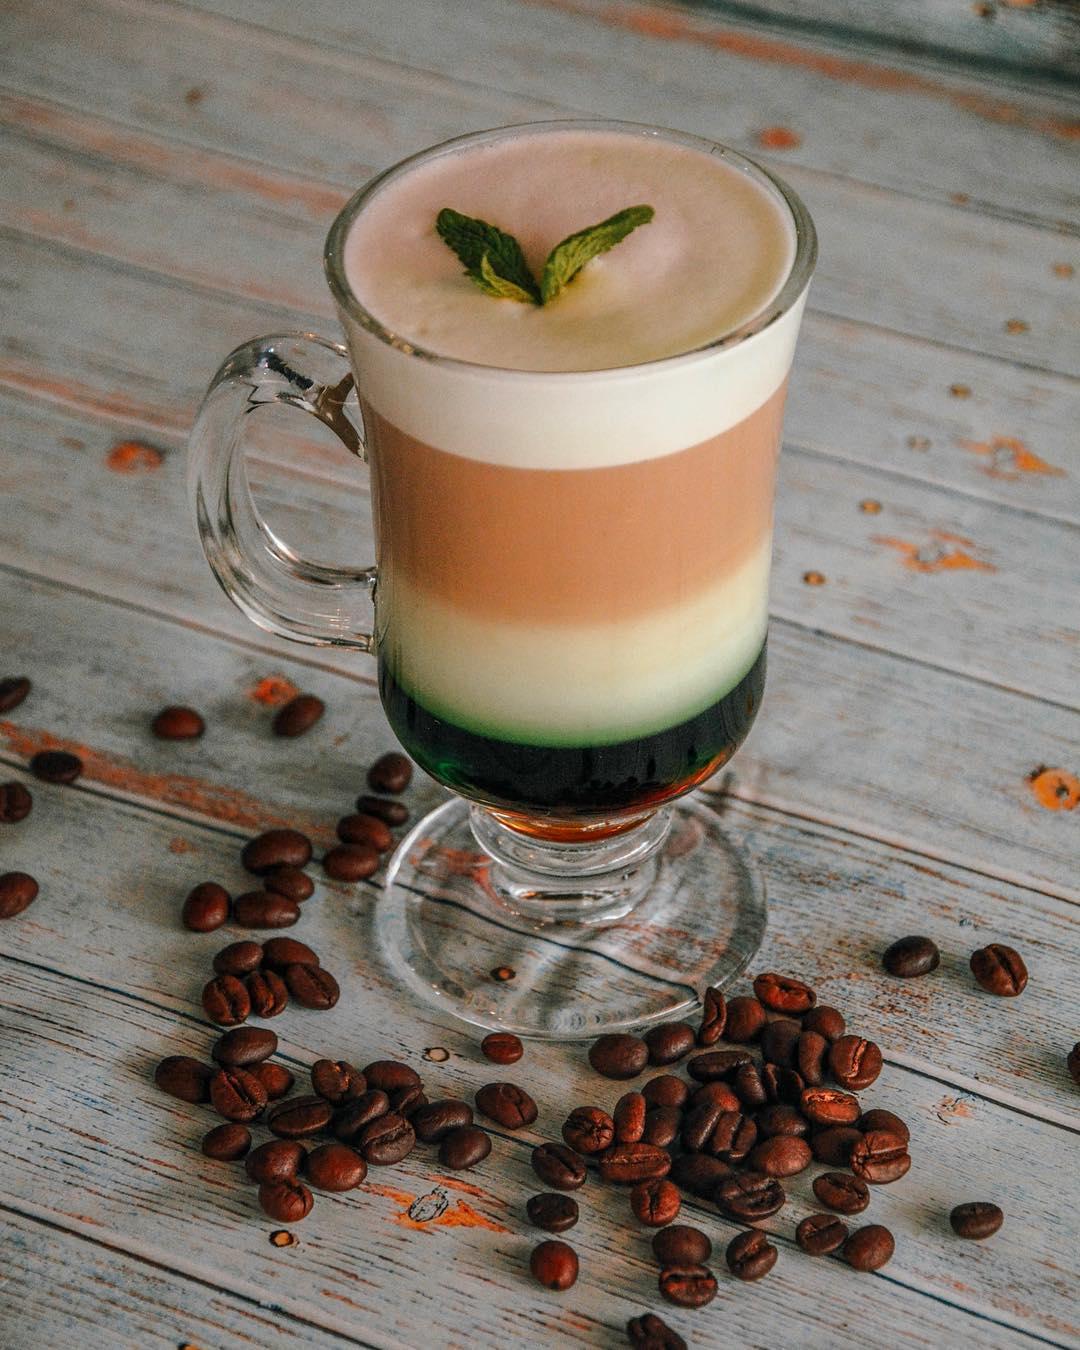 мятный кофе фото объясняет